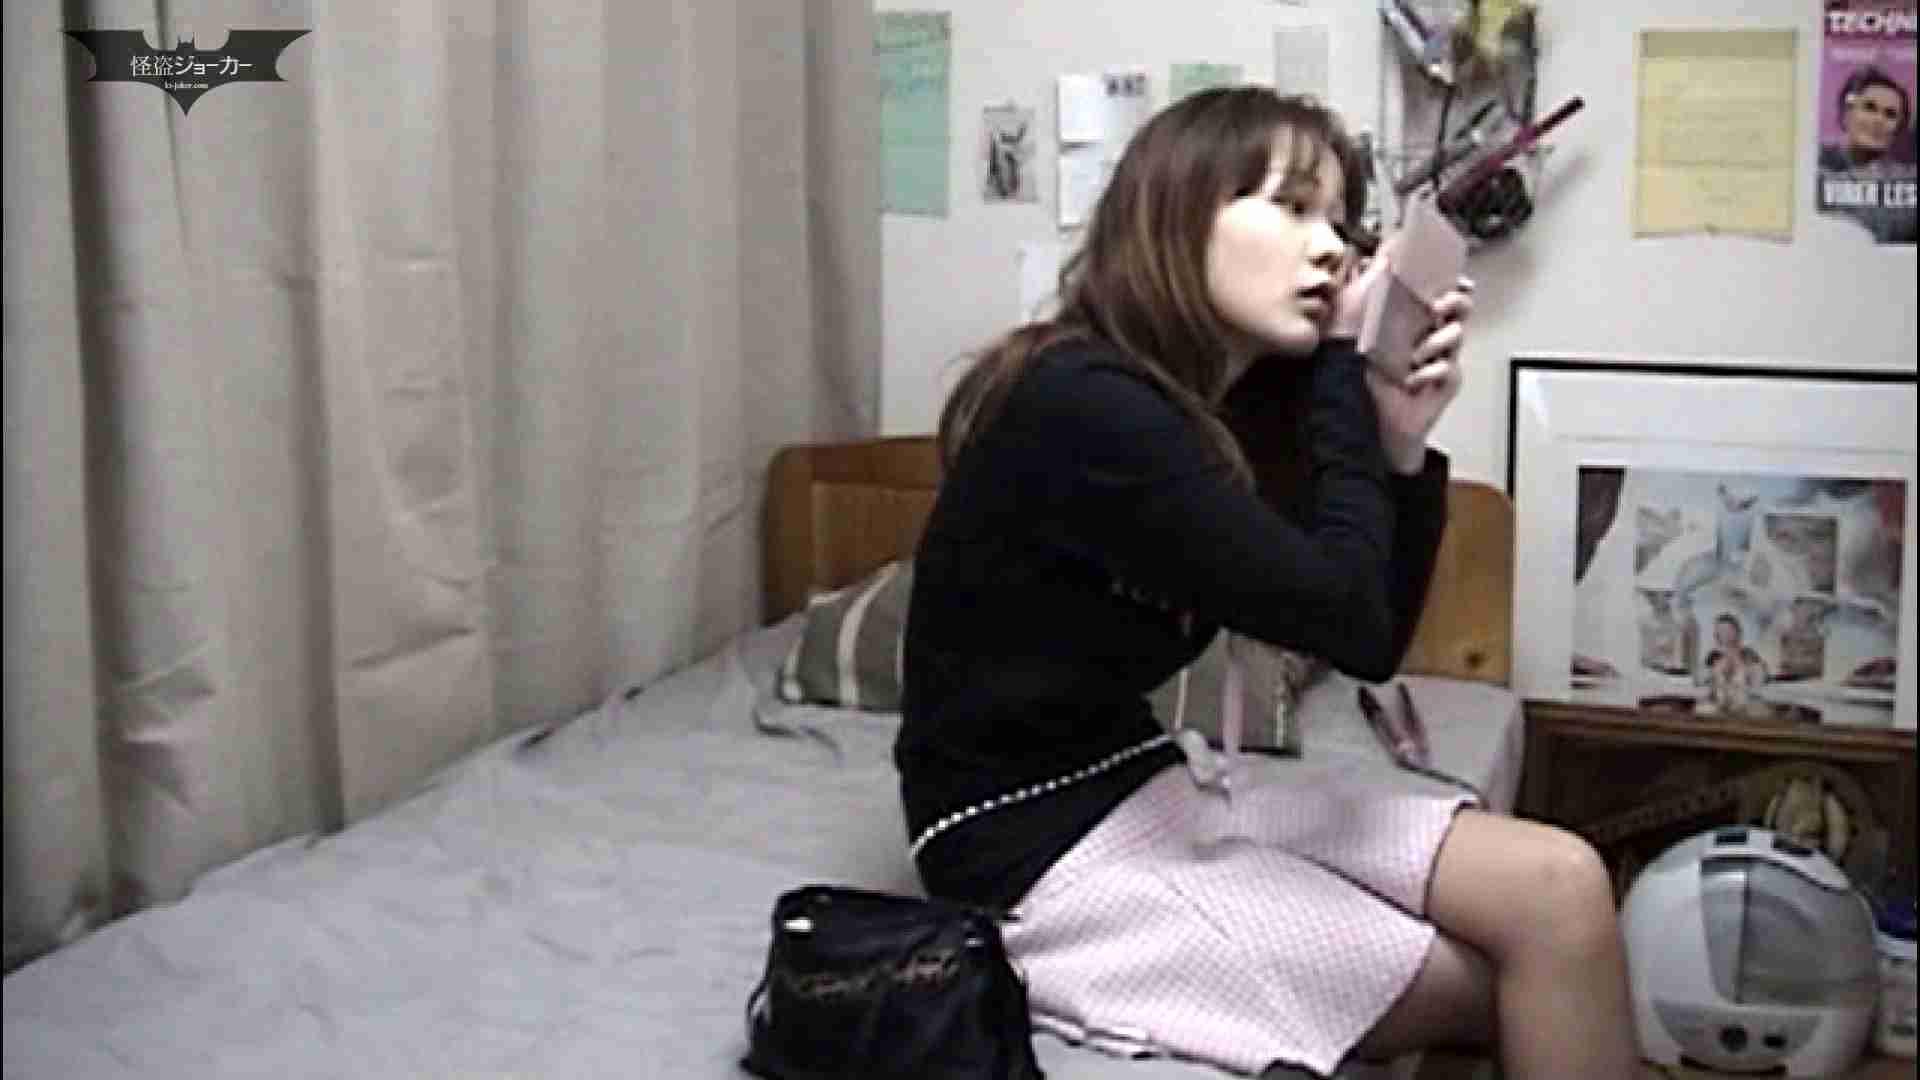 素人女良を部屋に連れ込み隠し撮りSEX!! その③ 美白女良さやか 素人  59PIX 10